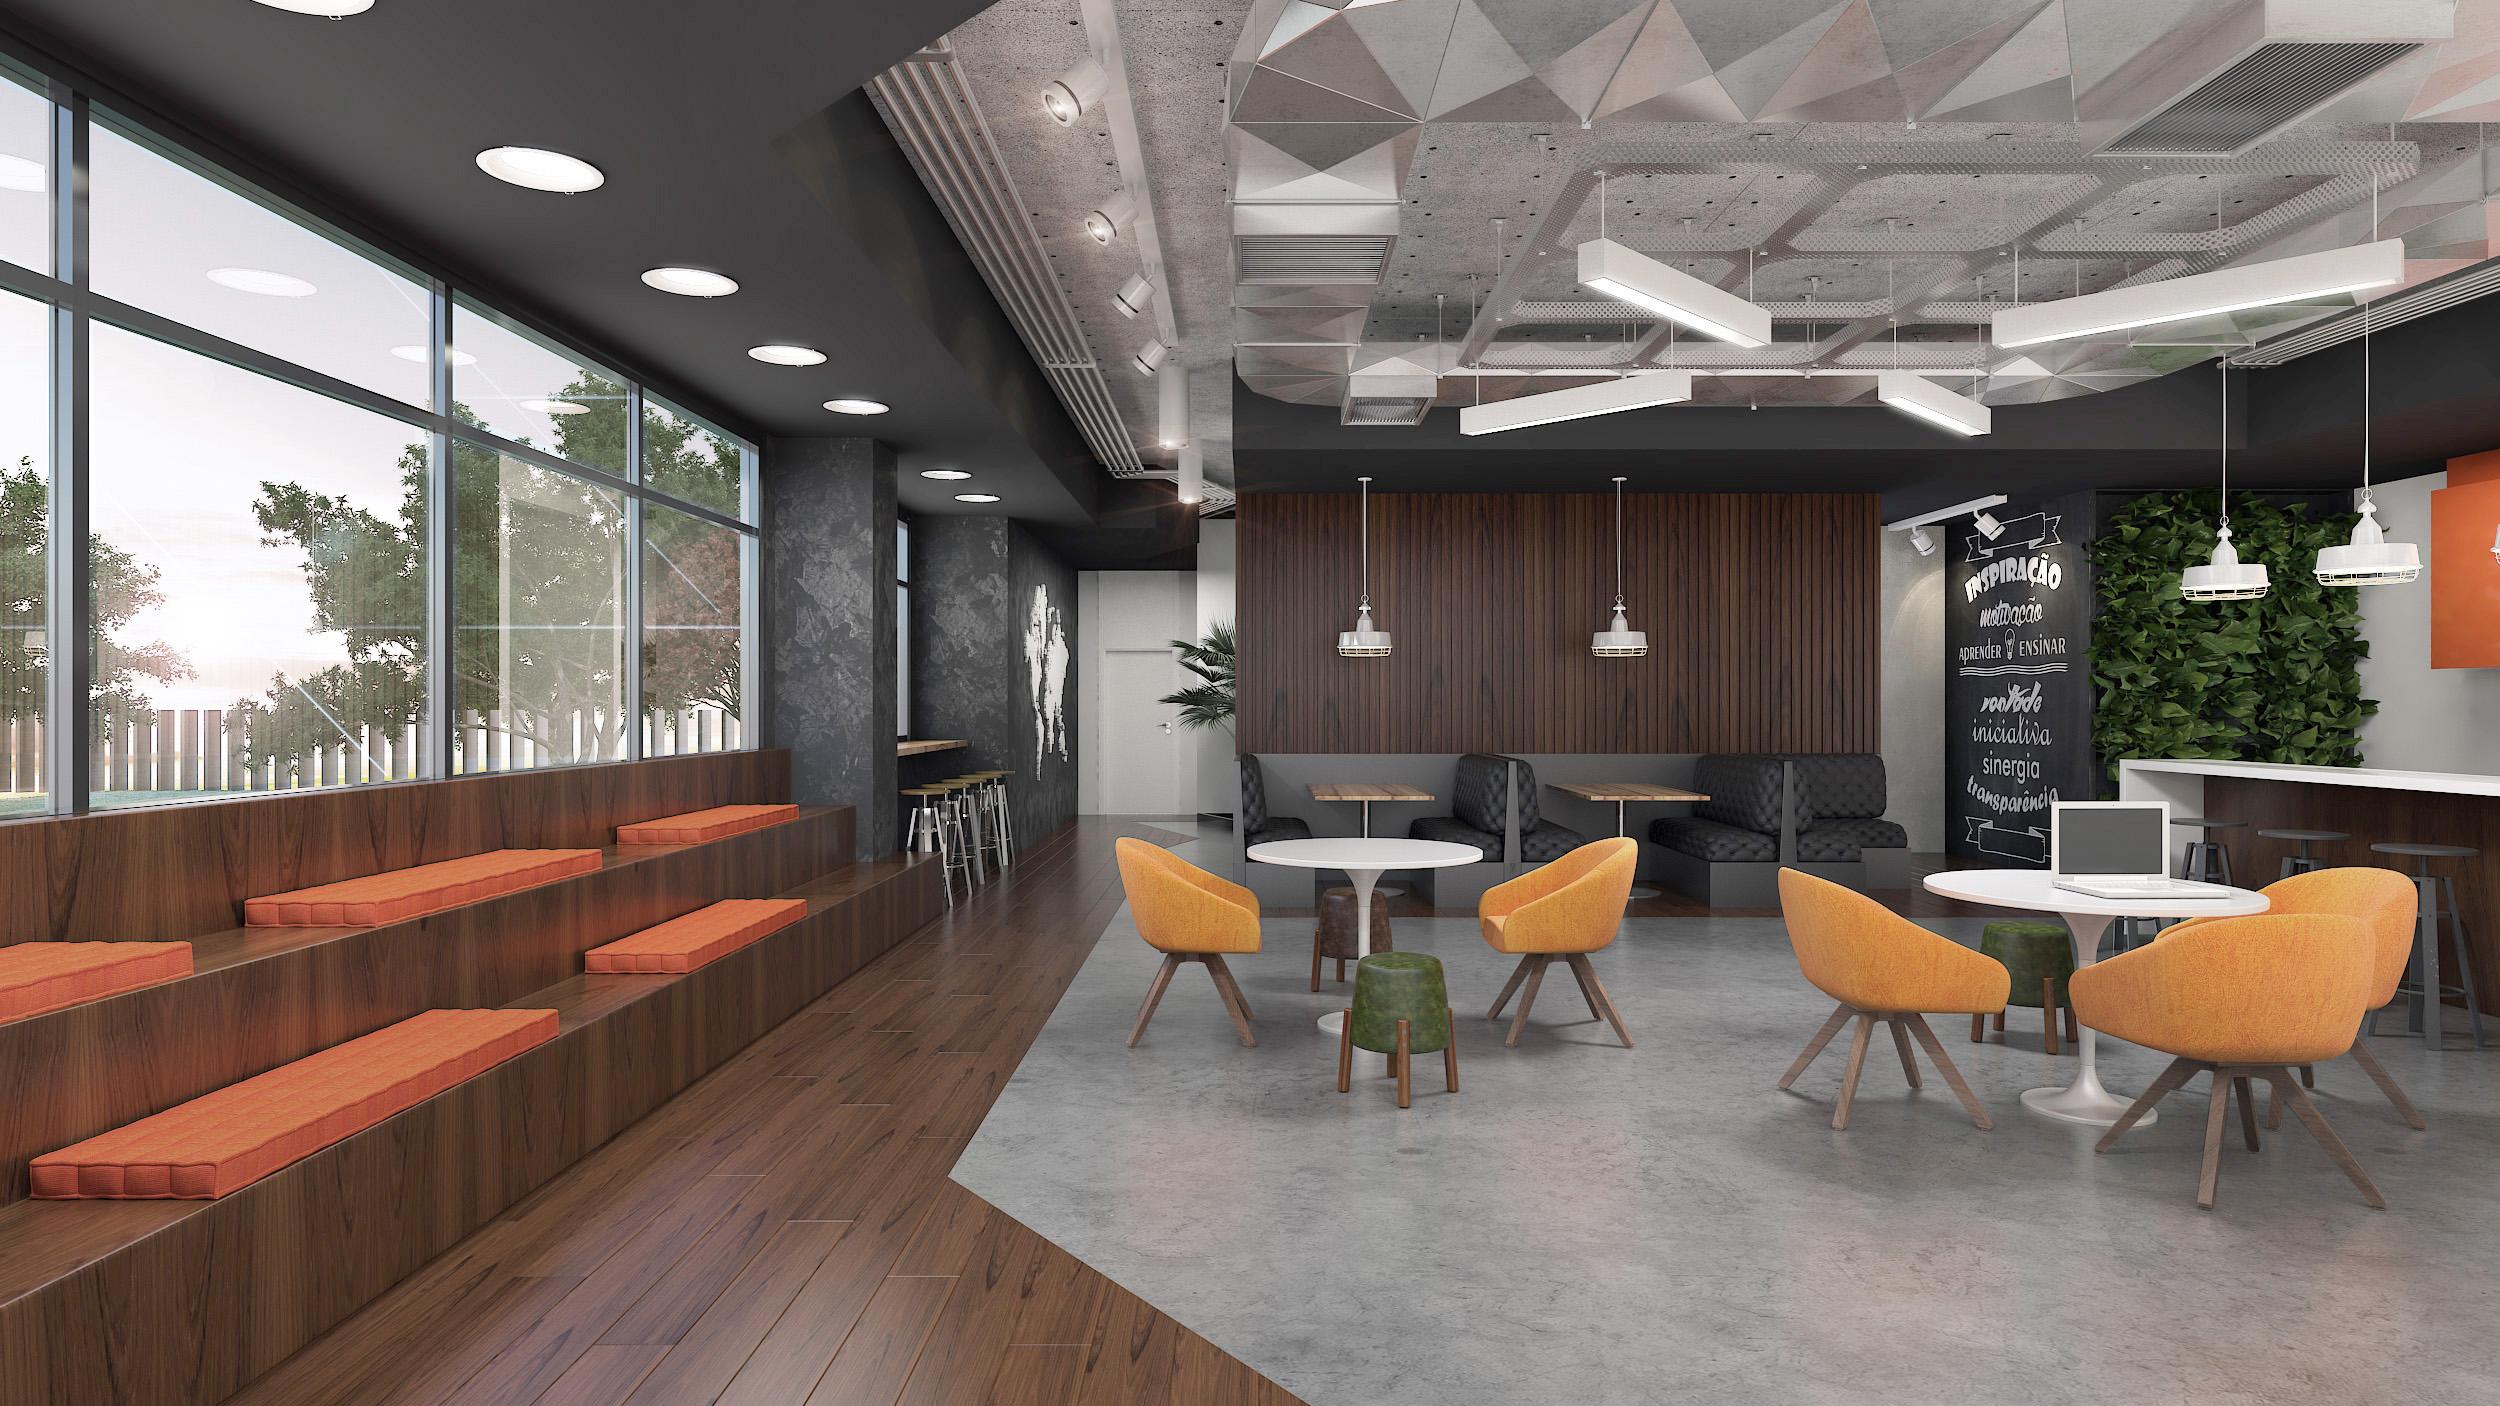 Escritório com mobiliário e arquibancada planejada da RS Design em uma área que é, ao mesmo tempo, de descompressão, convivência e treinamento informal. Crédito RS Design.